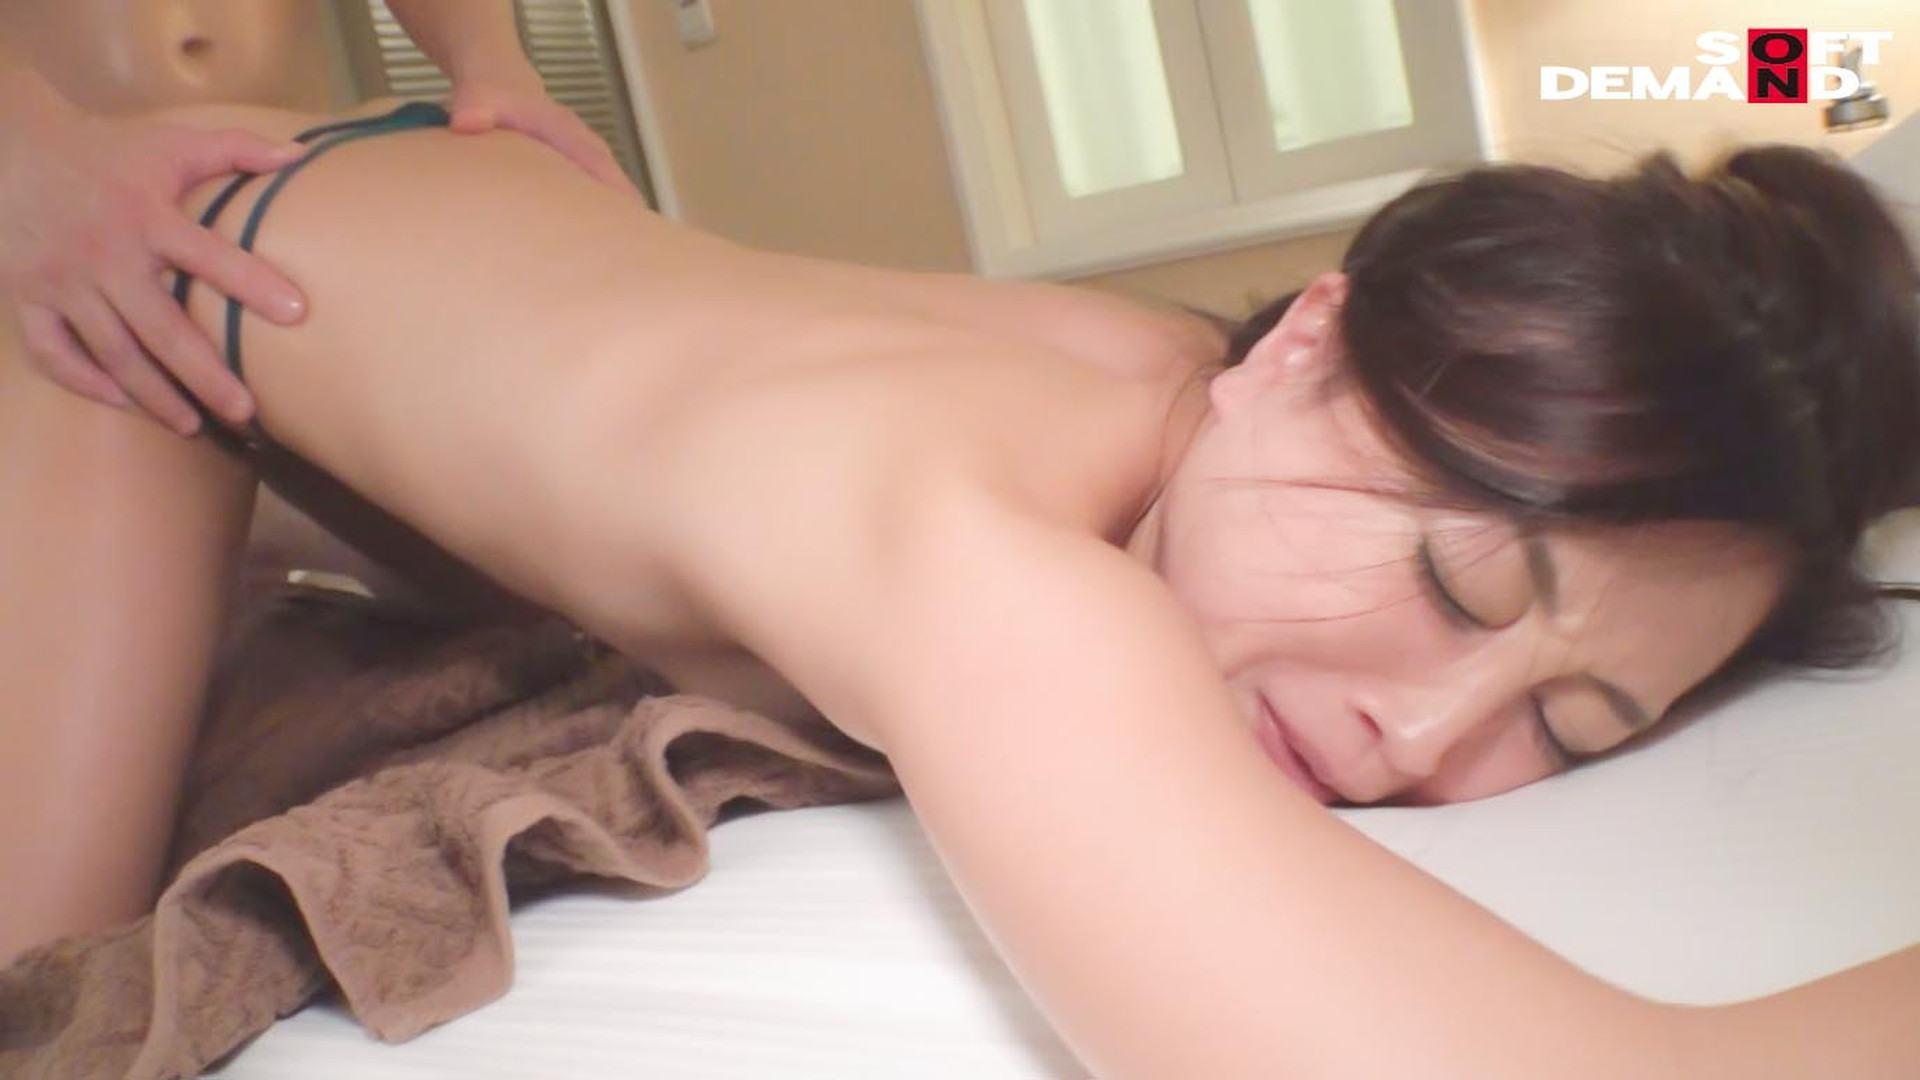 MILF [Ai Kashiwabara (42)] [Chika Aisaka] [Honami Nishimura (32)] 74 Porn Pics (26 Aug. 20)